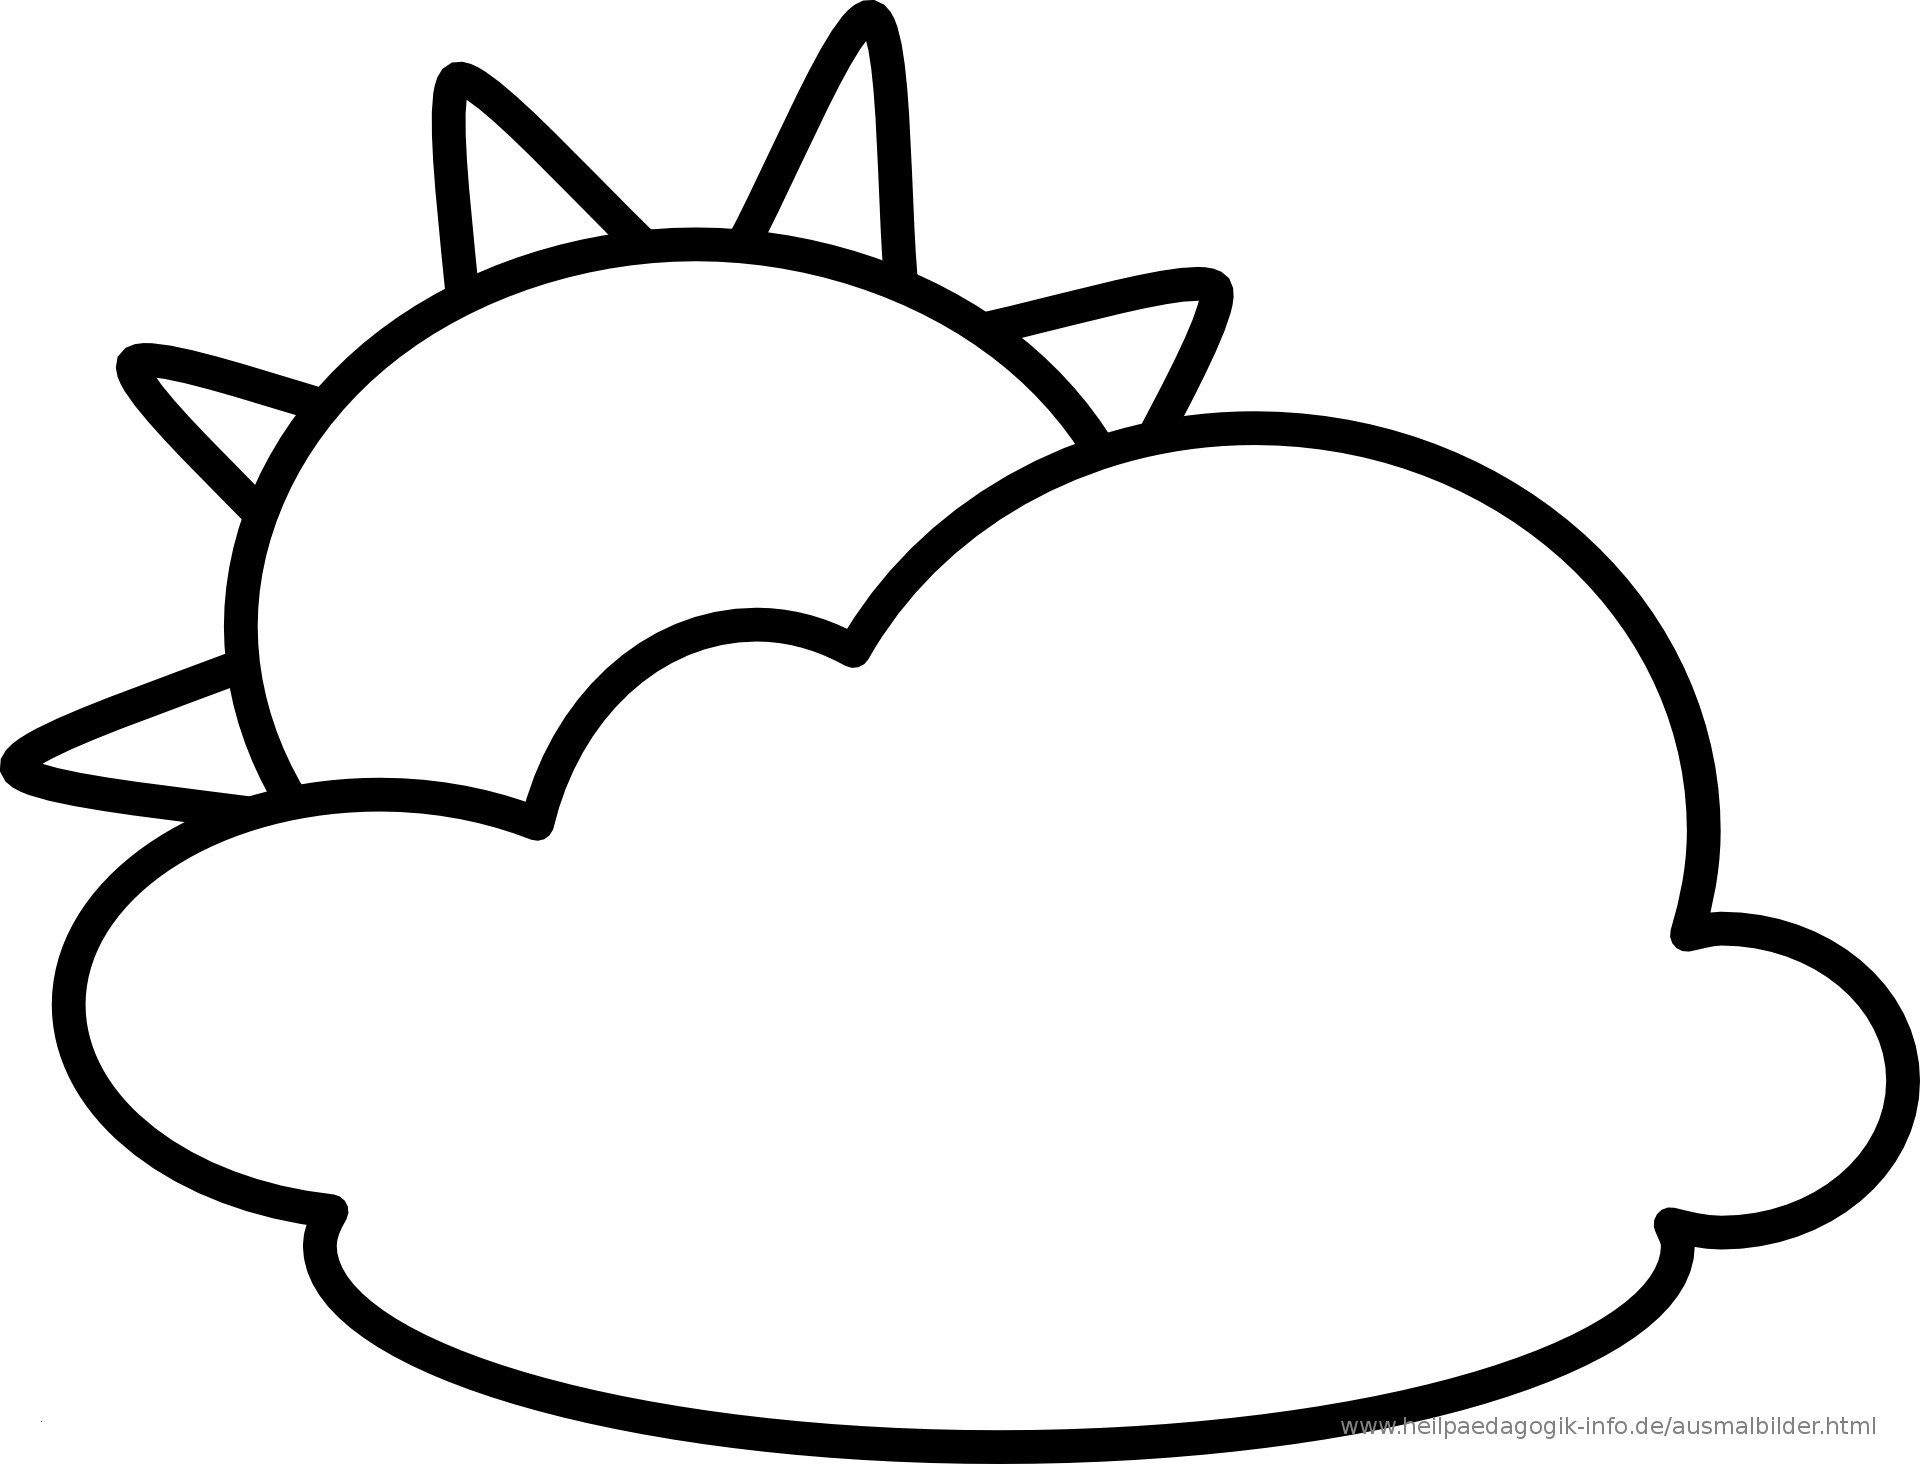 Wolke Zum Ausmalen Das Beste Von Ausmalbilder Wolke Beautiful 35 Ausmalbilder Wolken Scoredatscore Fotografieren